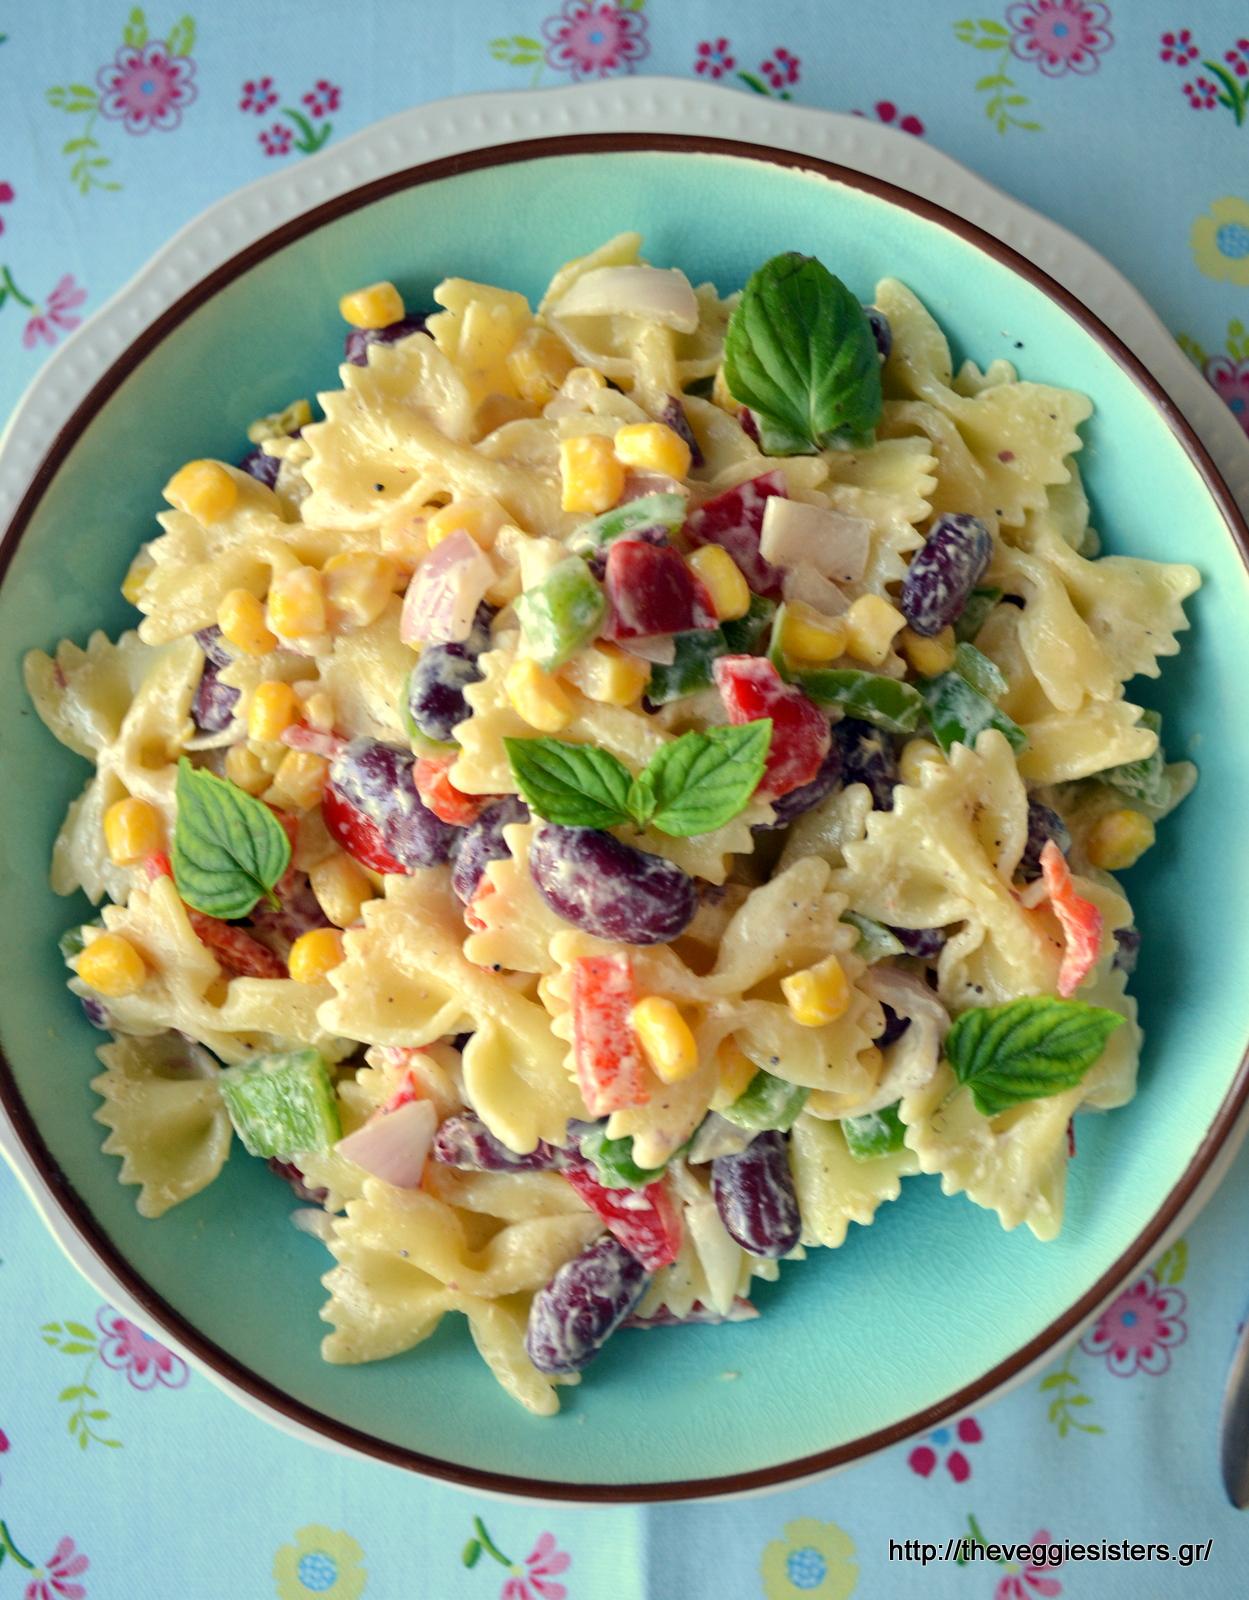 Σαλάτα ζυμαρικών με λαχανικά κ φυτική μαγιονέζα